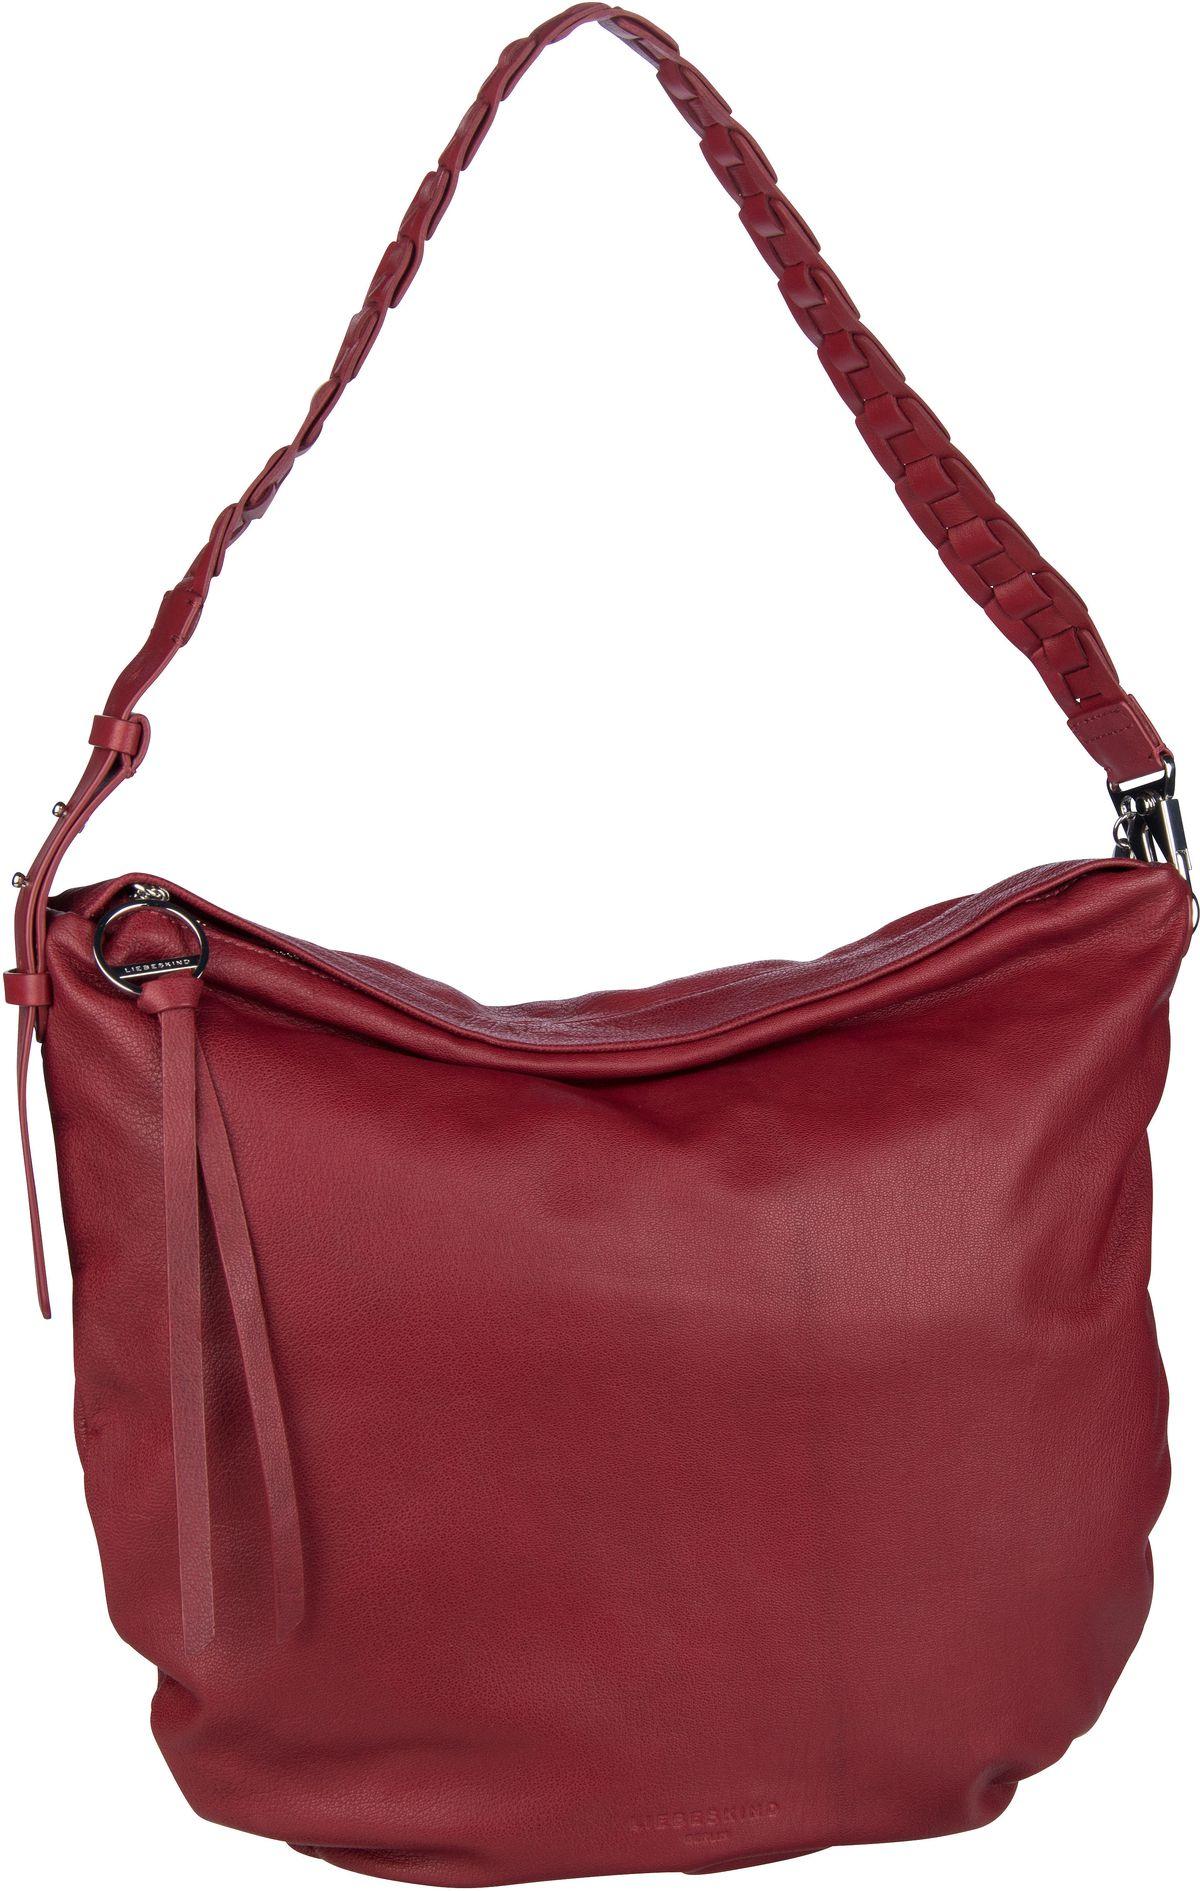 Berlin Handtasche Dive Bag 2 Hobo M Dahlia Red